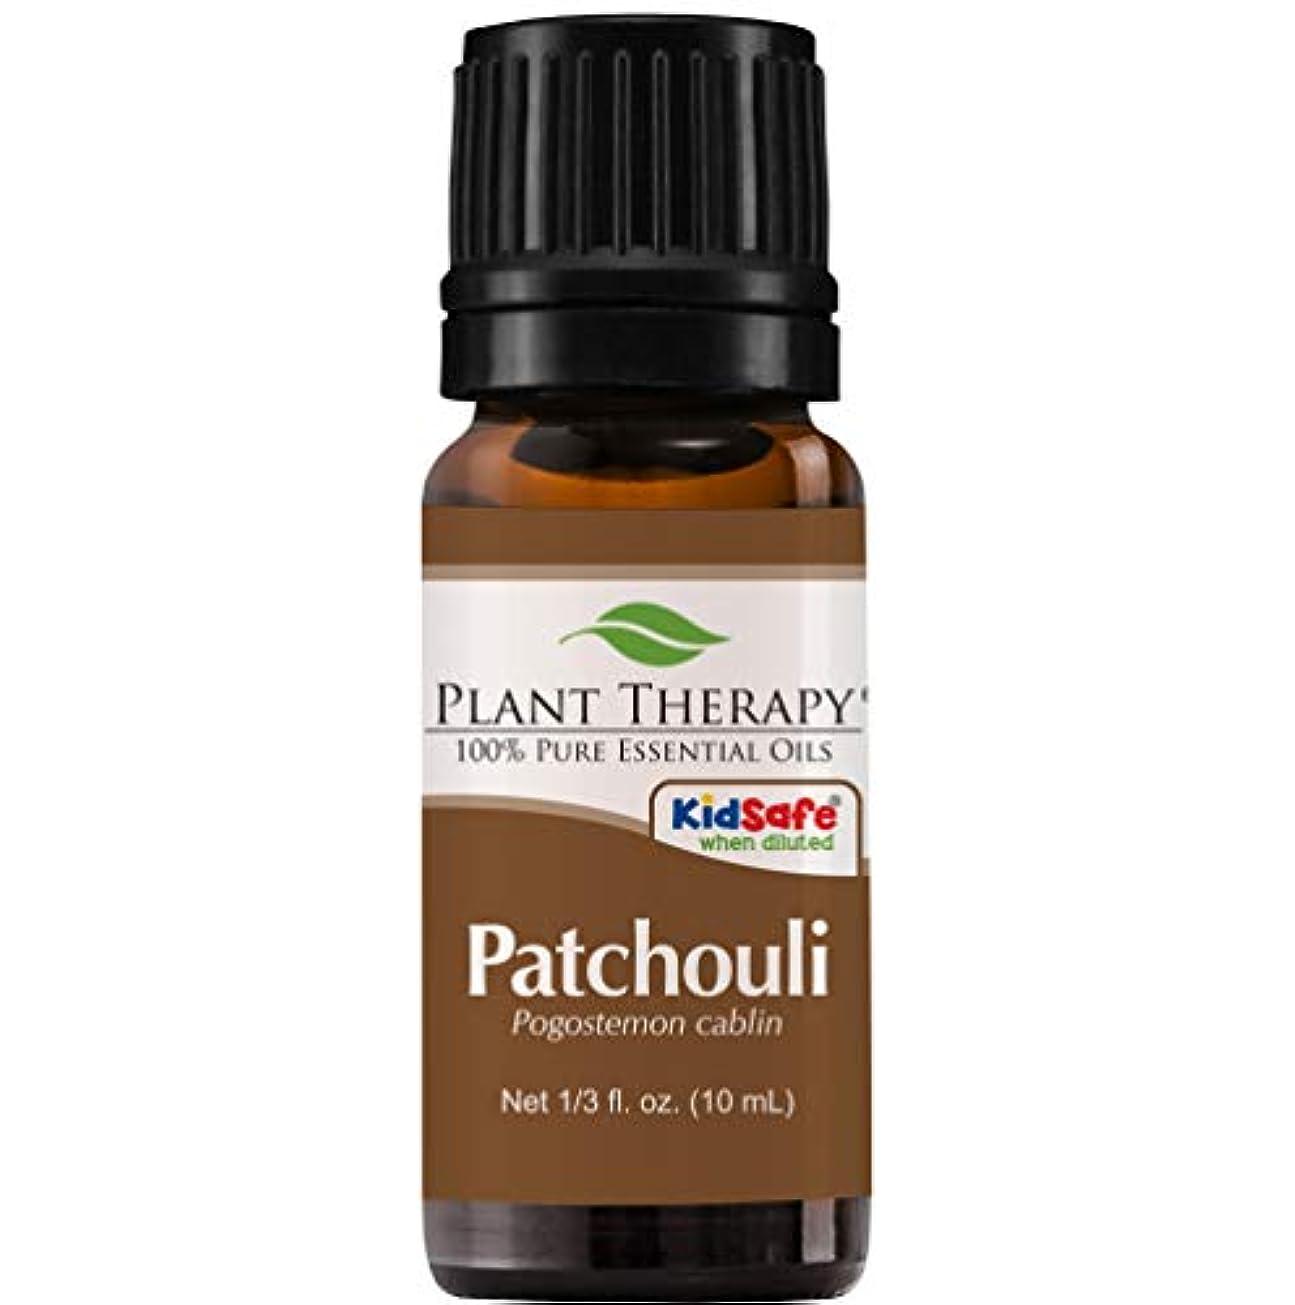 通路ワークショップ引っ張るPlant Therapy Essential Oils (プラントセラピー エッセンシャルオイル) パチョリ エッセンシャルオイル